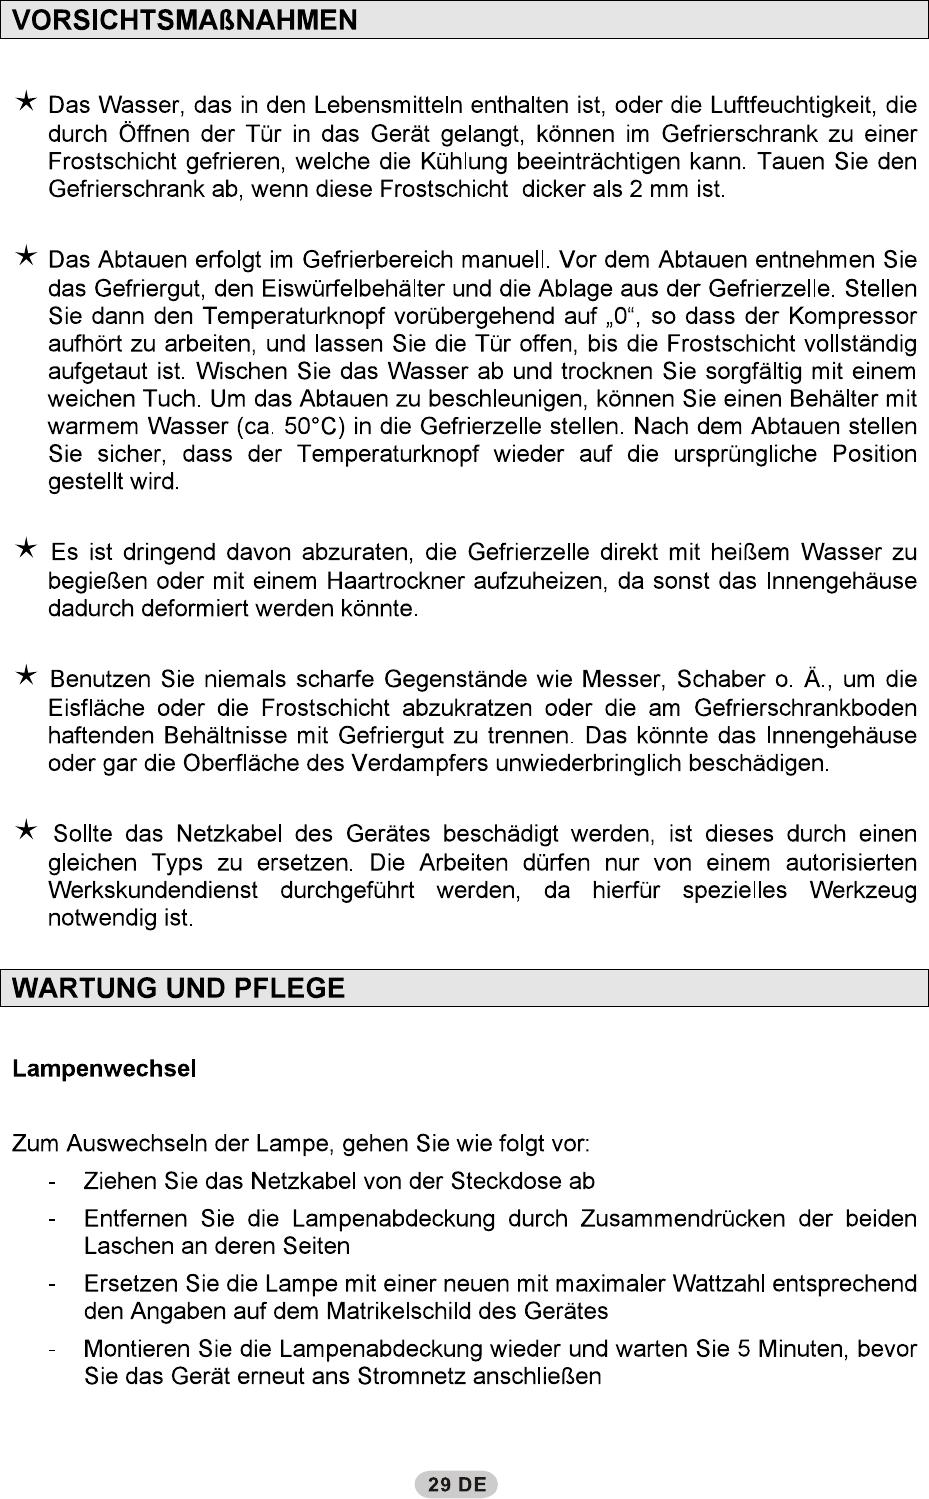 Bedienungsanleitung Hoover HDBS 5174 W (Seite 5 von 9) (Deutsch)